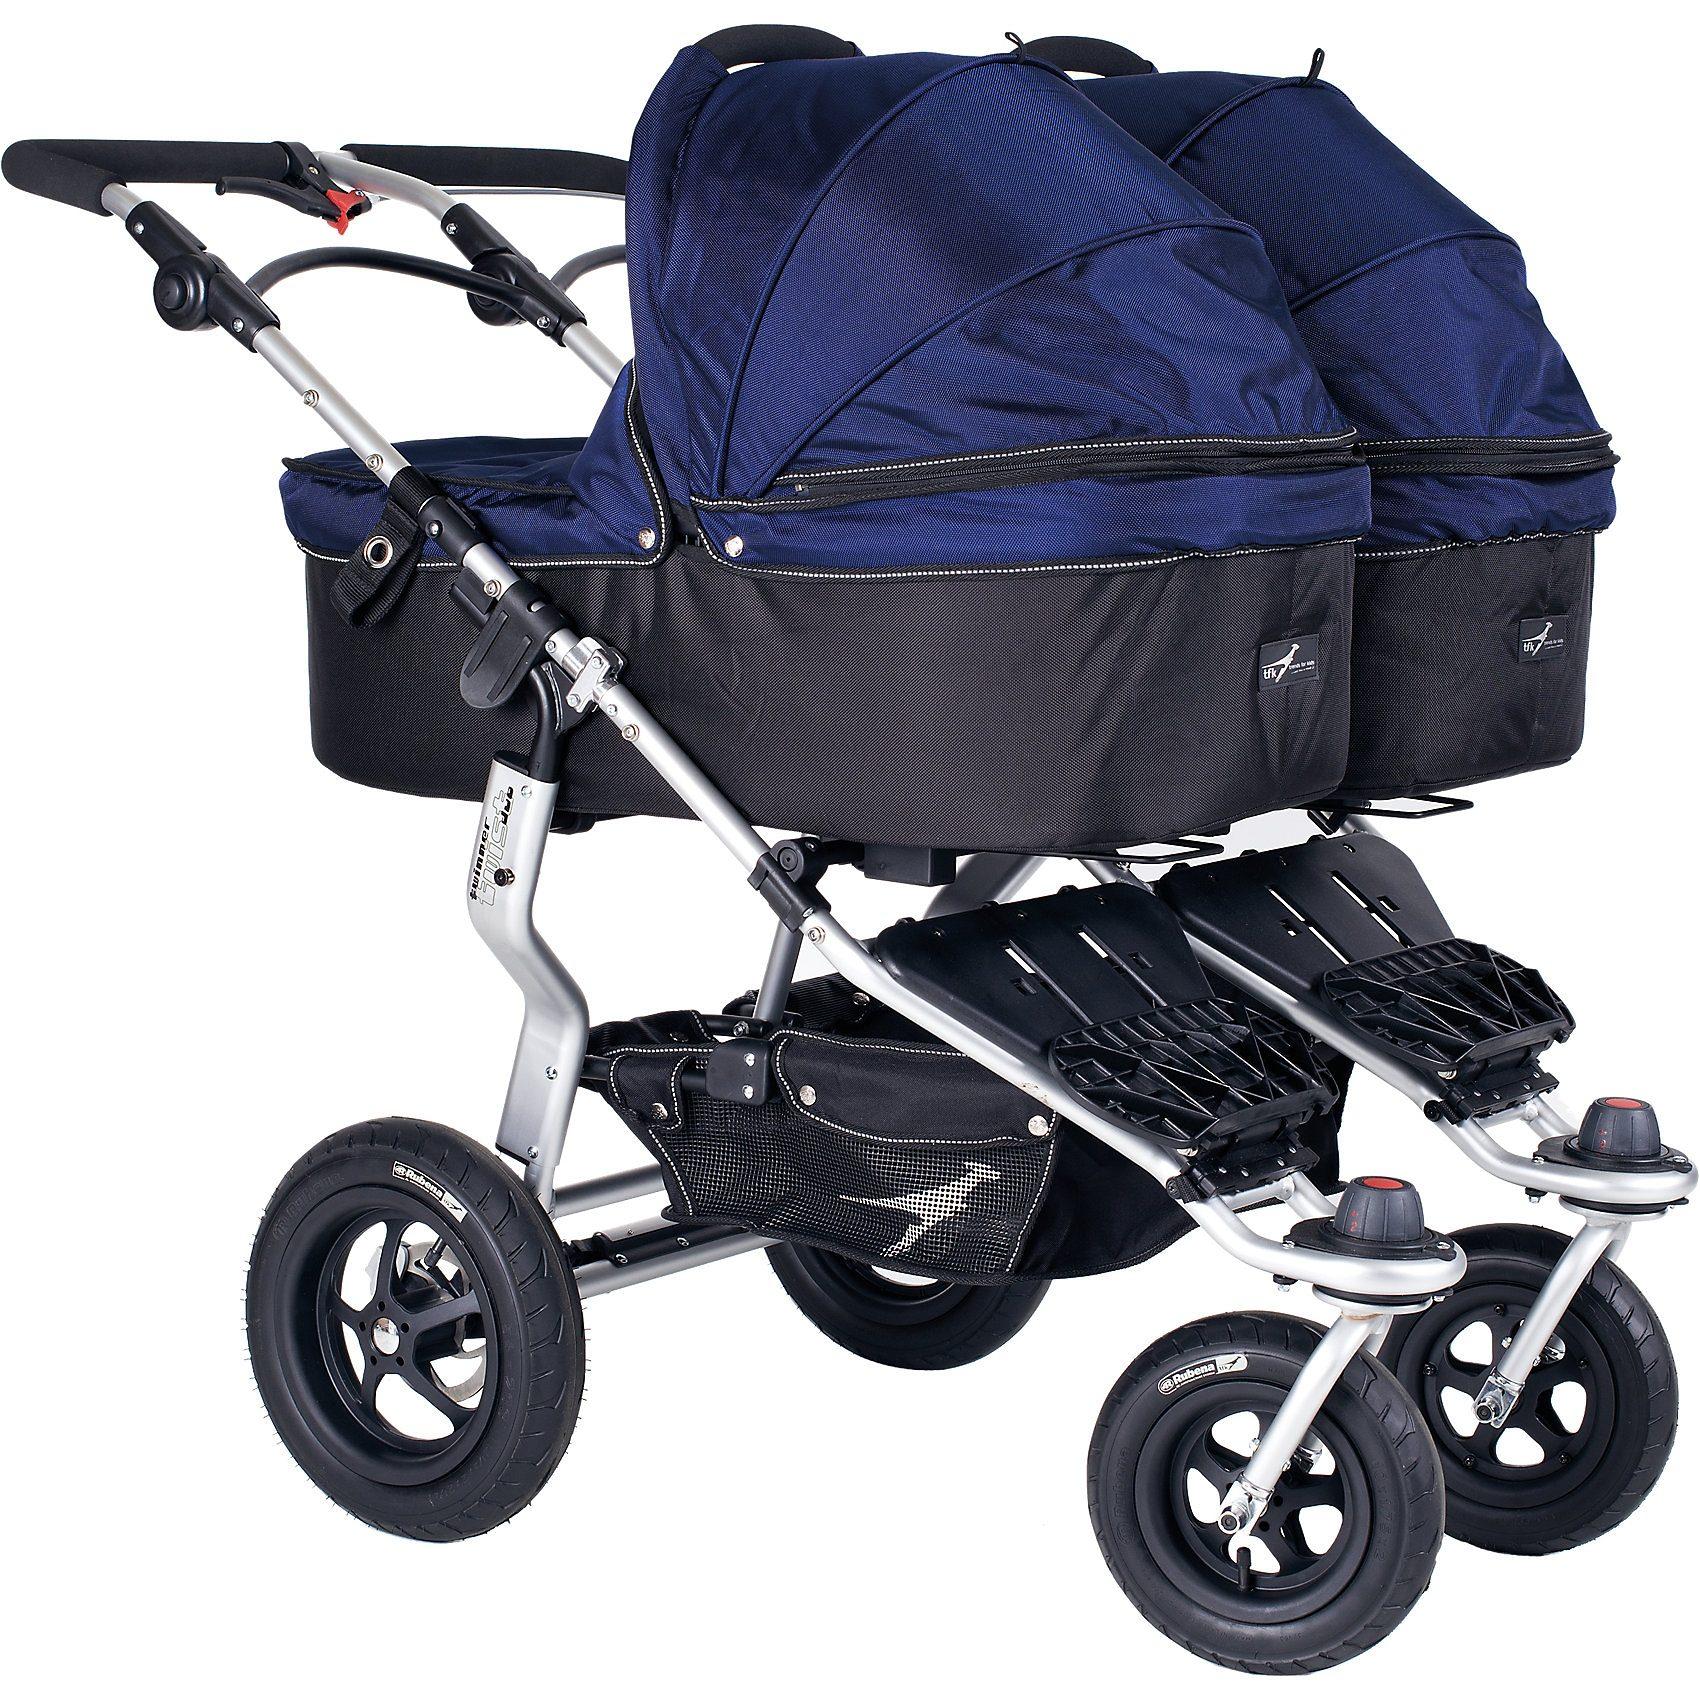 TFK Kinderwagenaufsatz für Twinner Twist Duo, classic blue